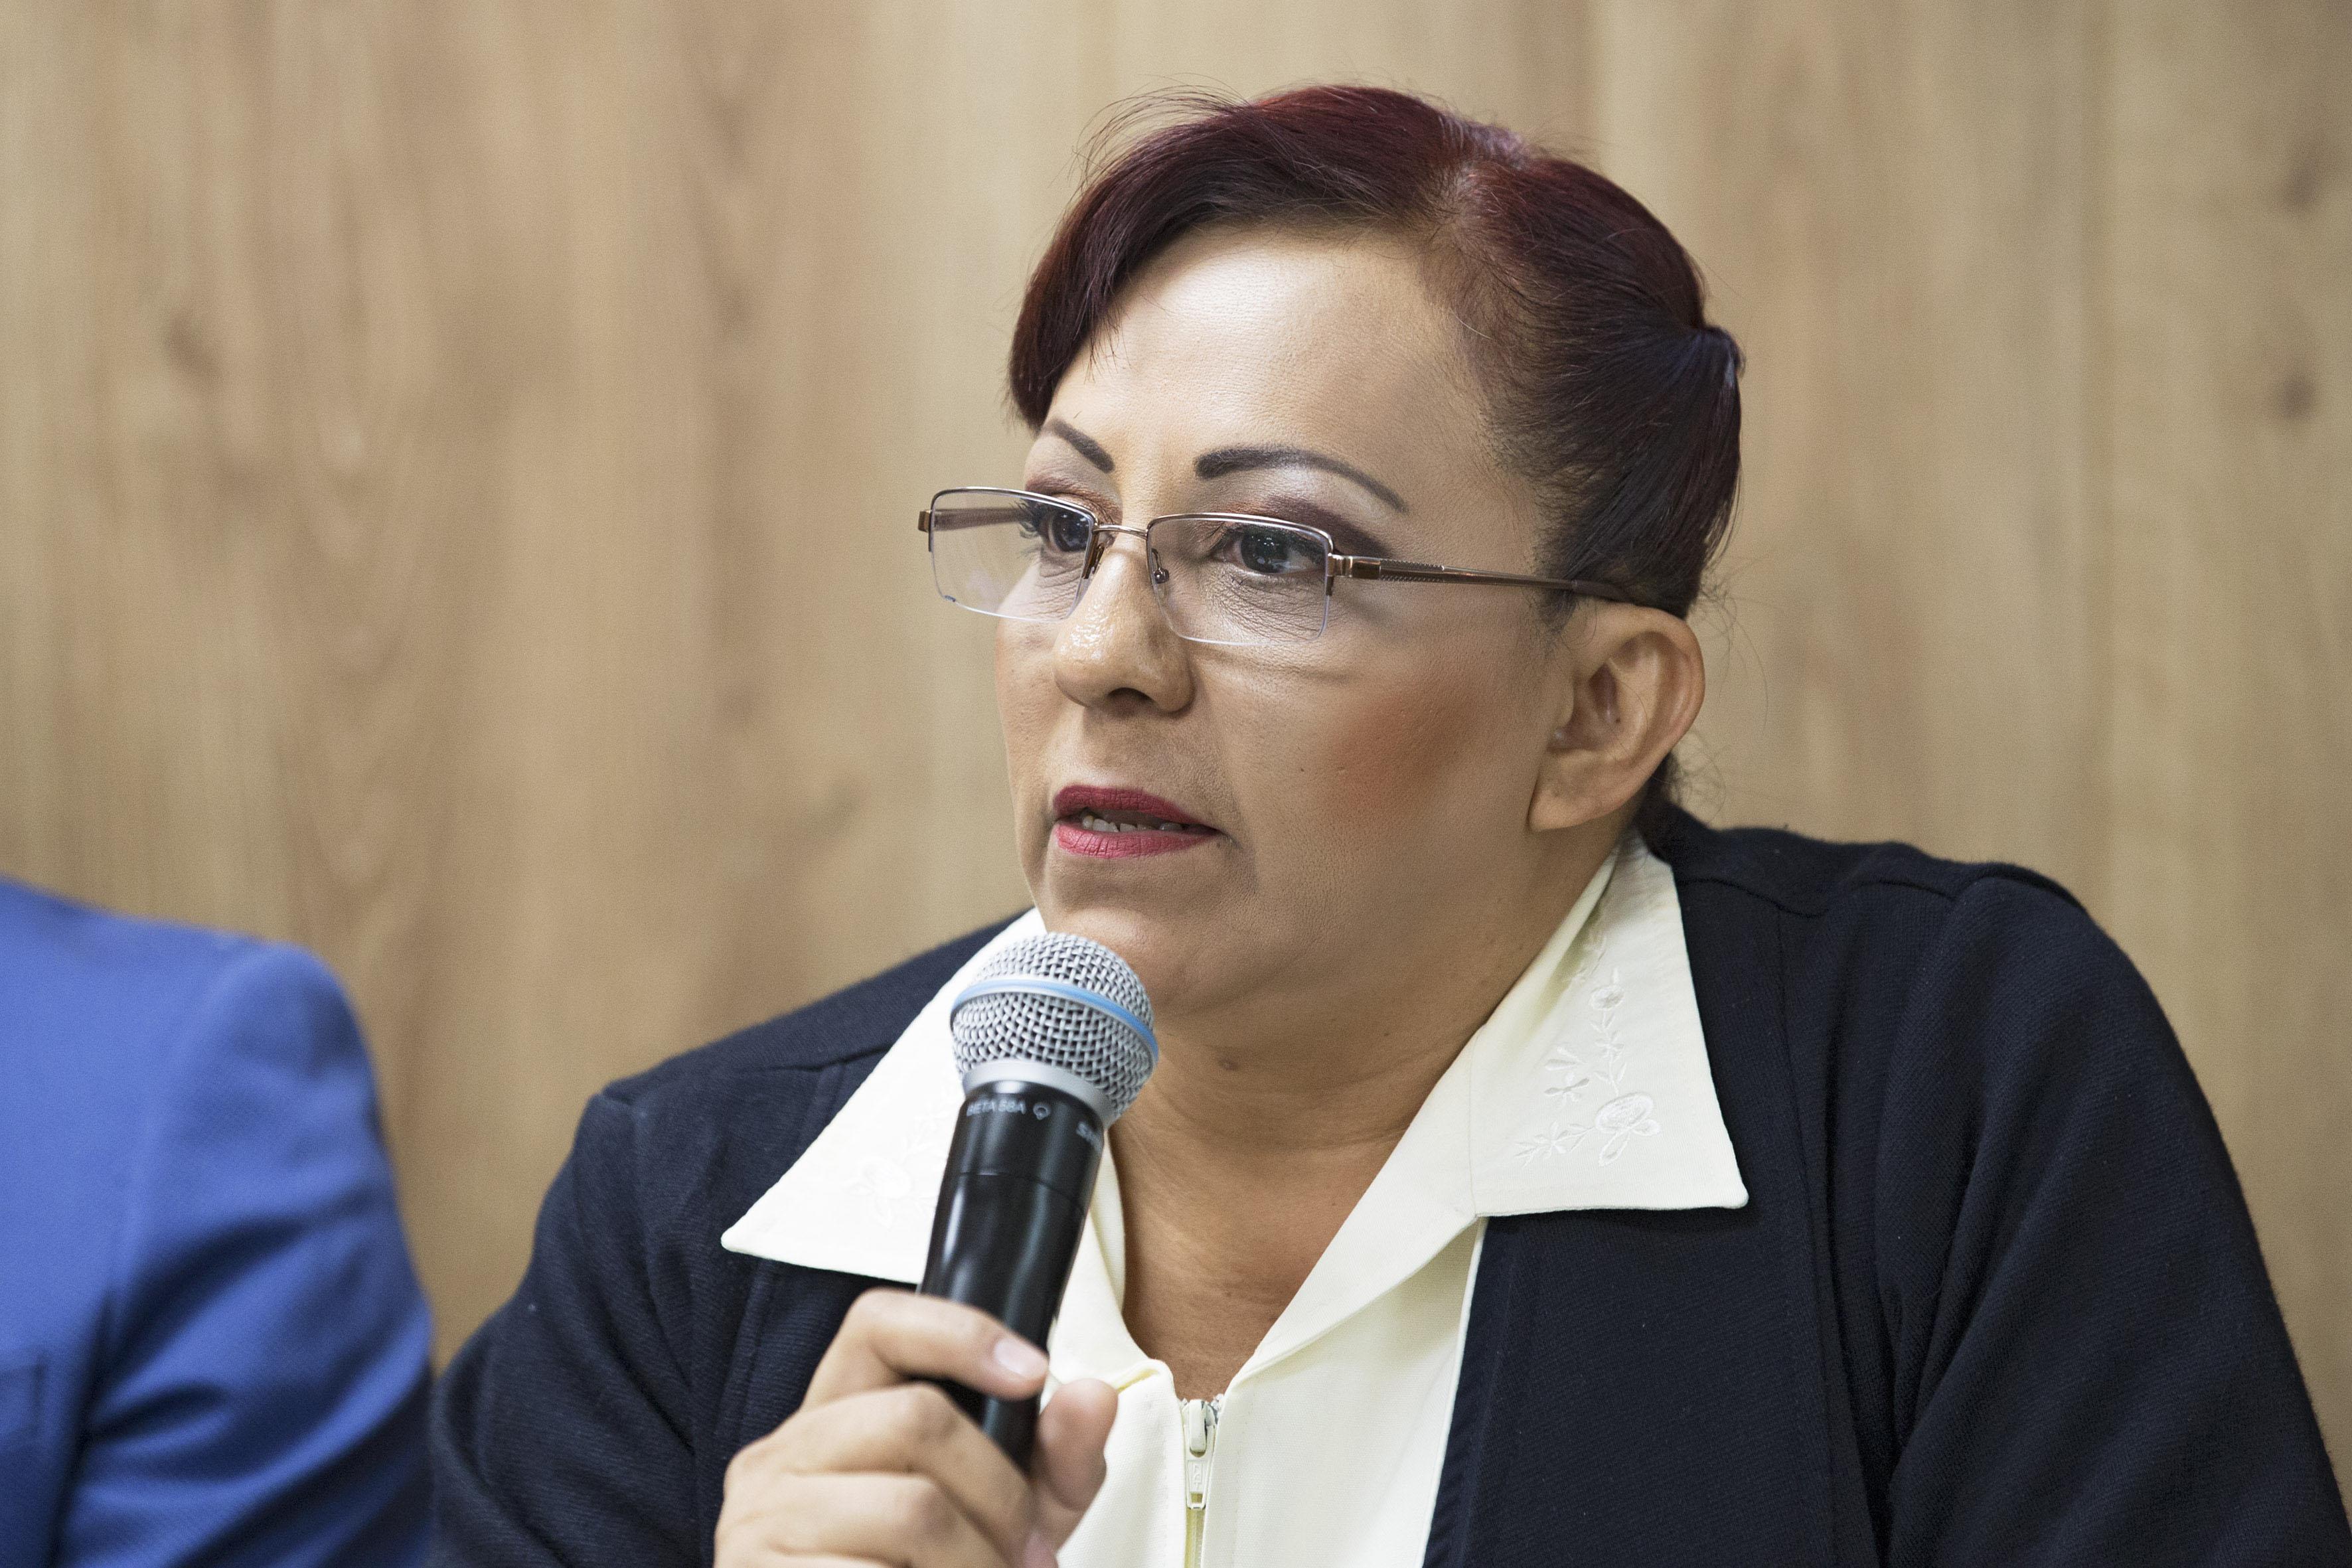 Mtra. Gema Araceli Angel Rodriguez anunciando el VII Congreso Internacional de Enfermería (CIENF) 2018